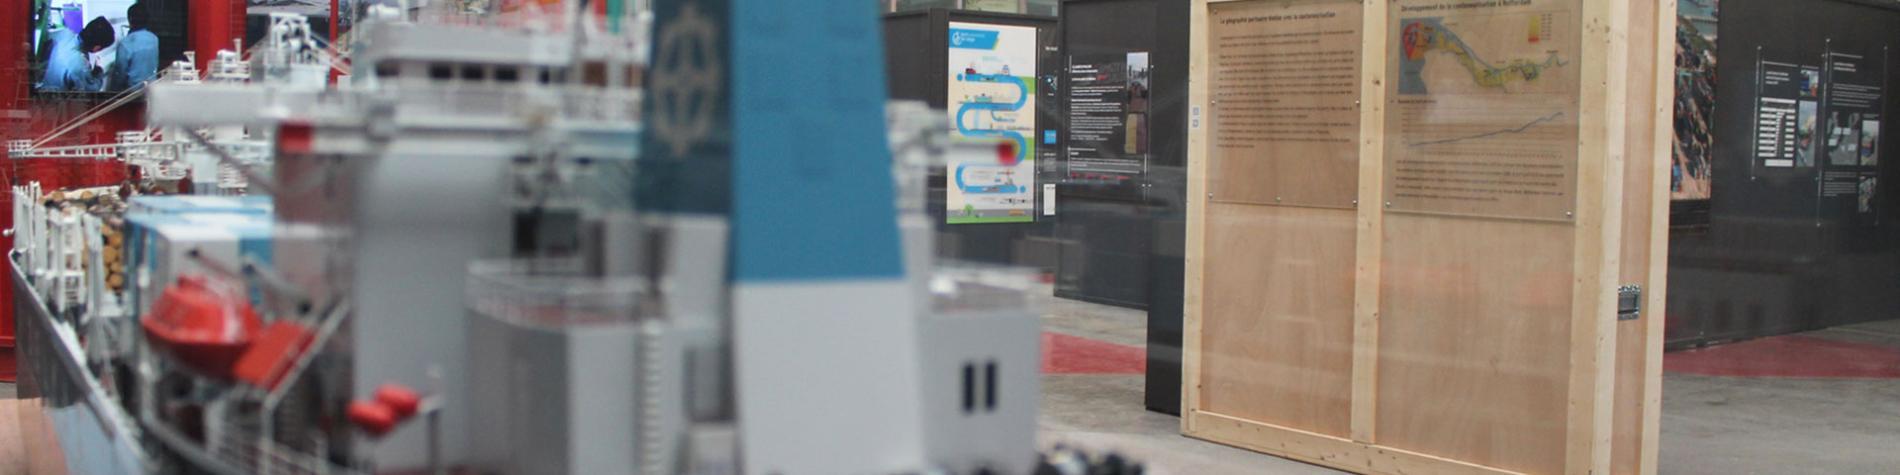 Web Famille - Musée des Transports en commun de Wallonie - Liège - The Box